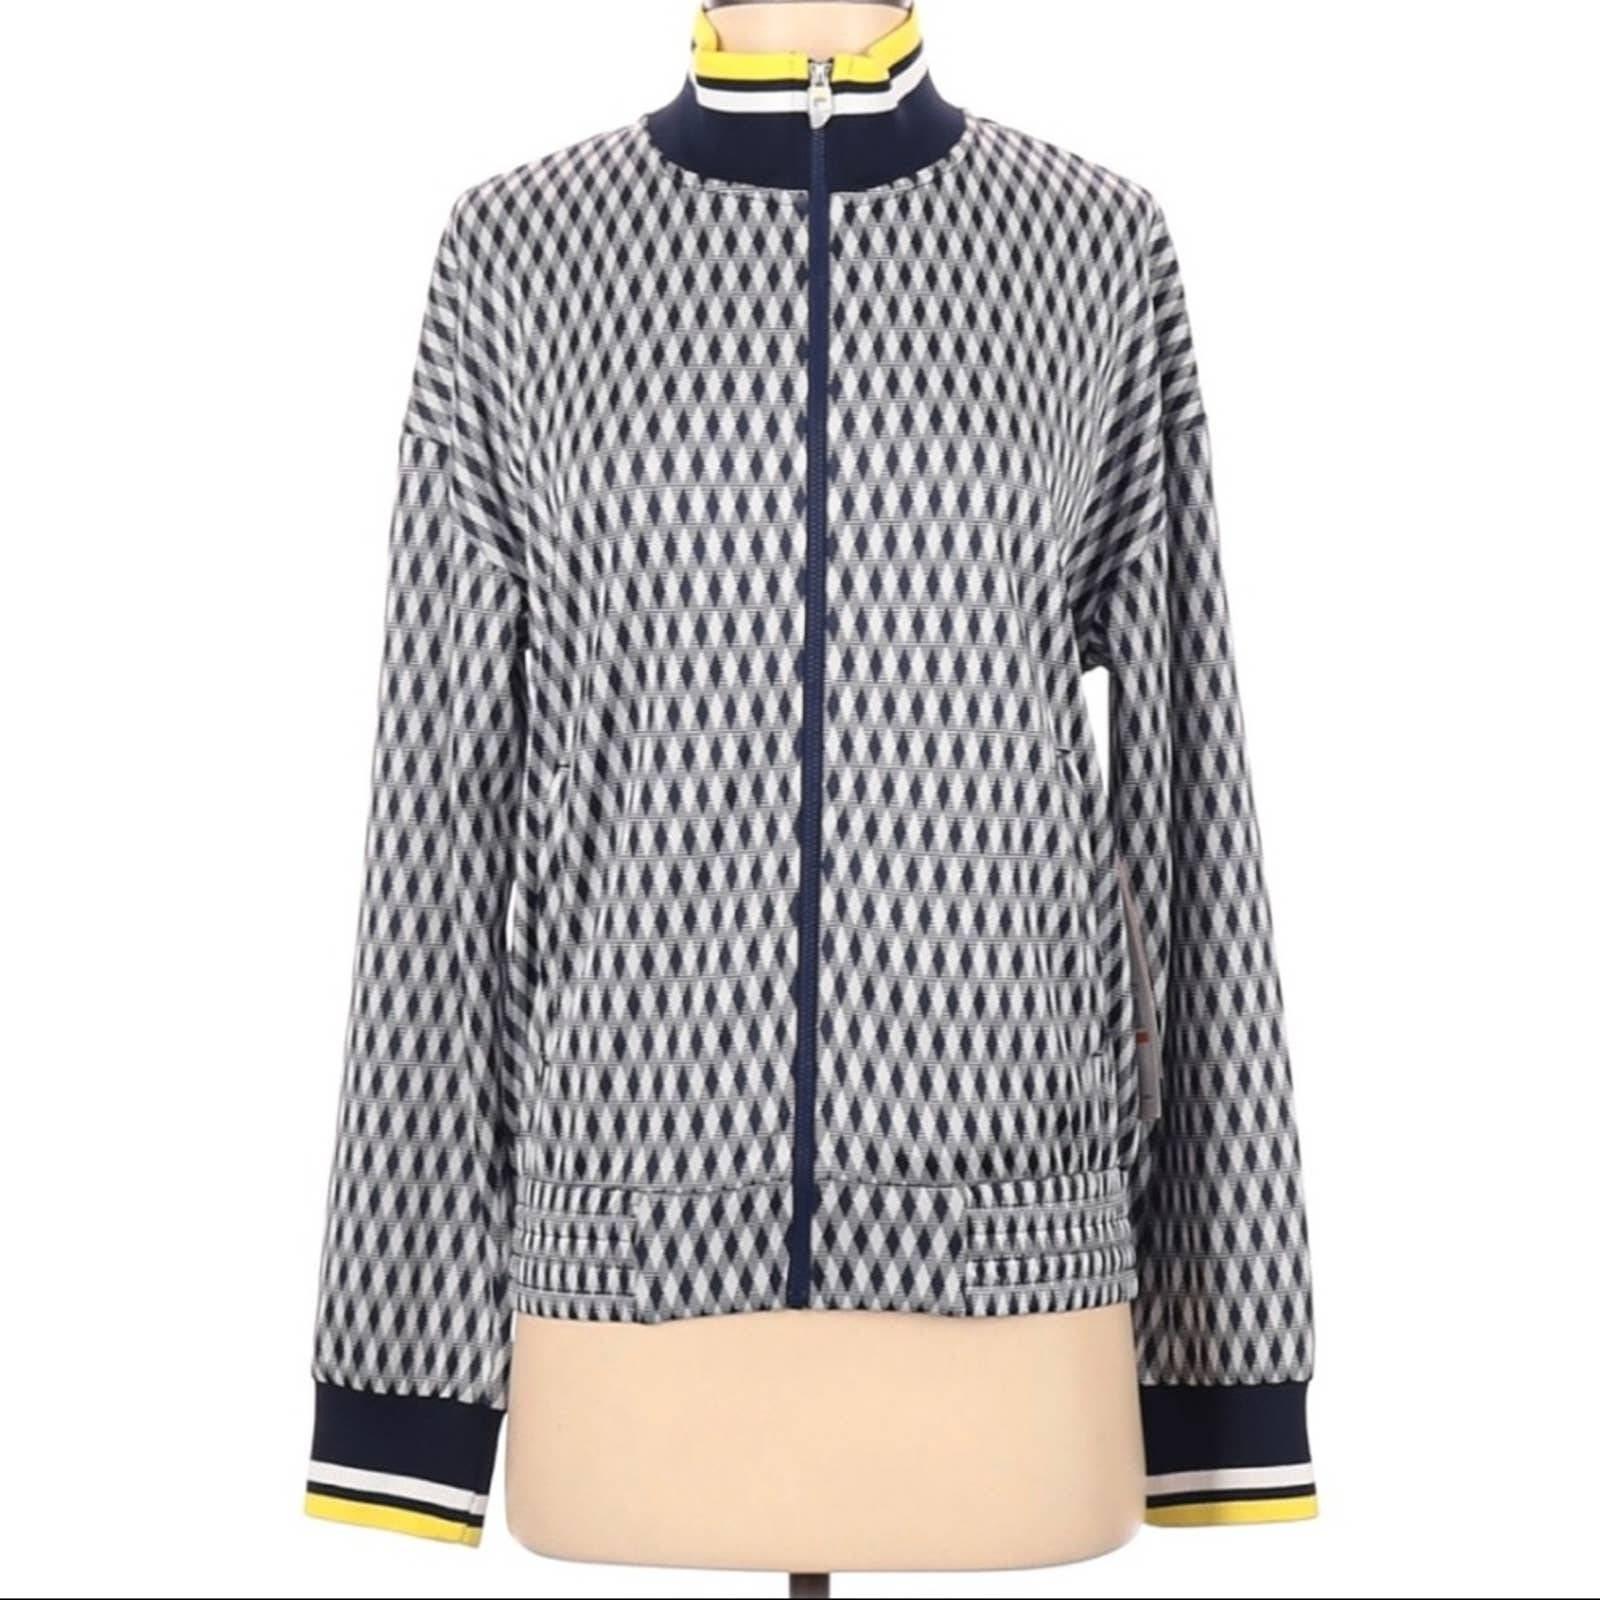 Fila Argyle Tennis Jacket NWT